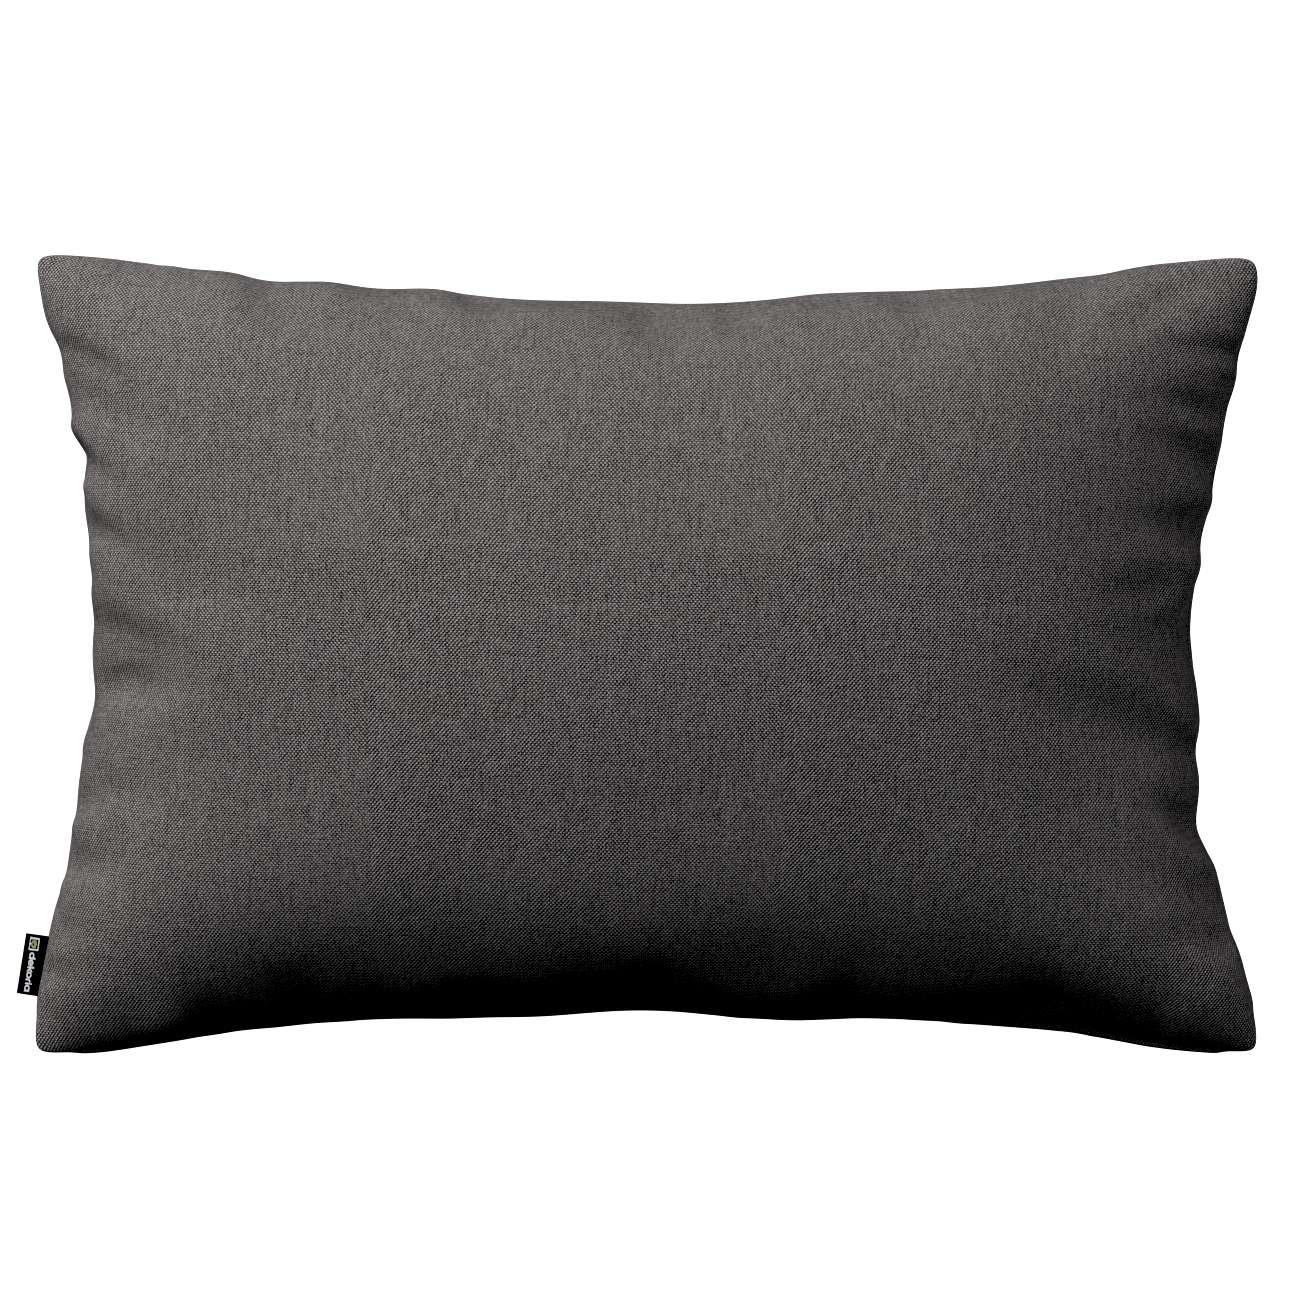 Kinga dekoratyvinės pagalvėlės užvalkalas 60x40cm 60x40cm kolekcijoje Etna , audinys: 705-35